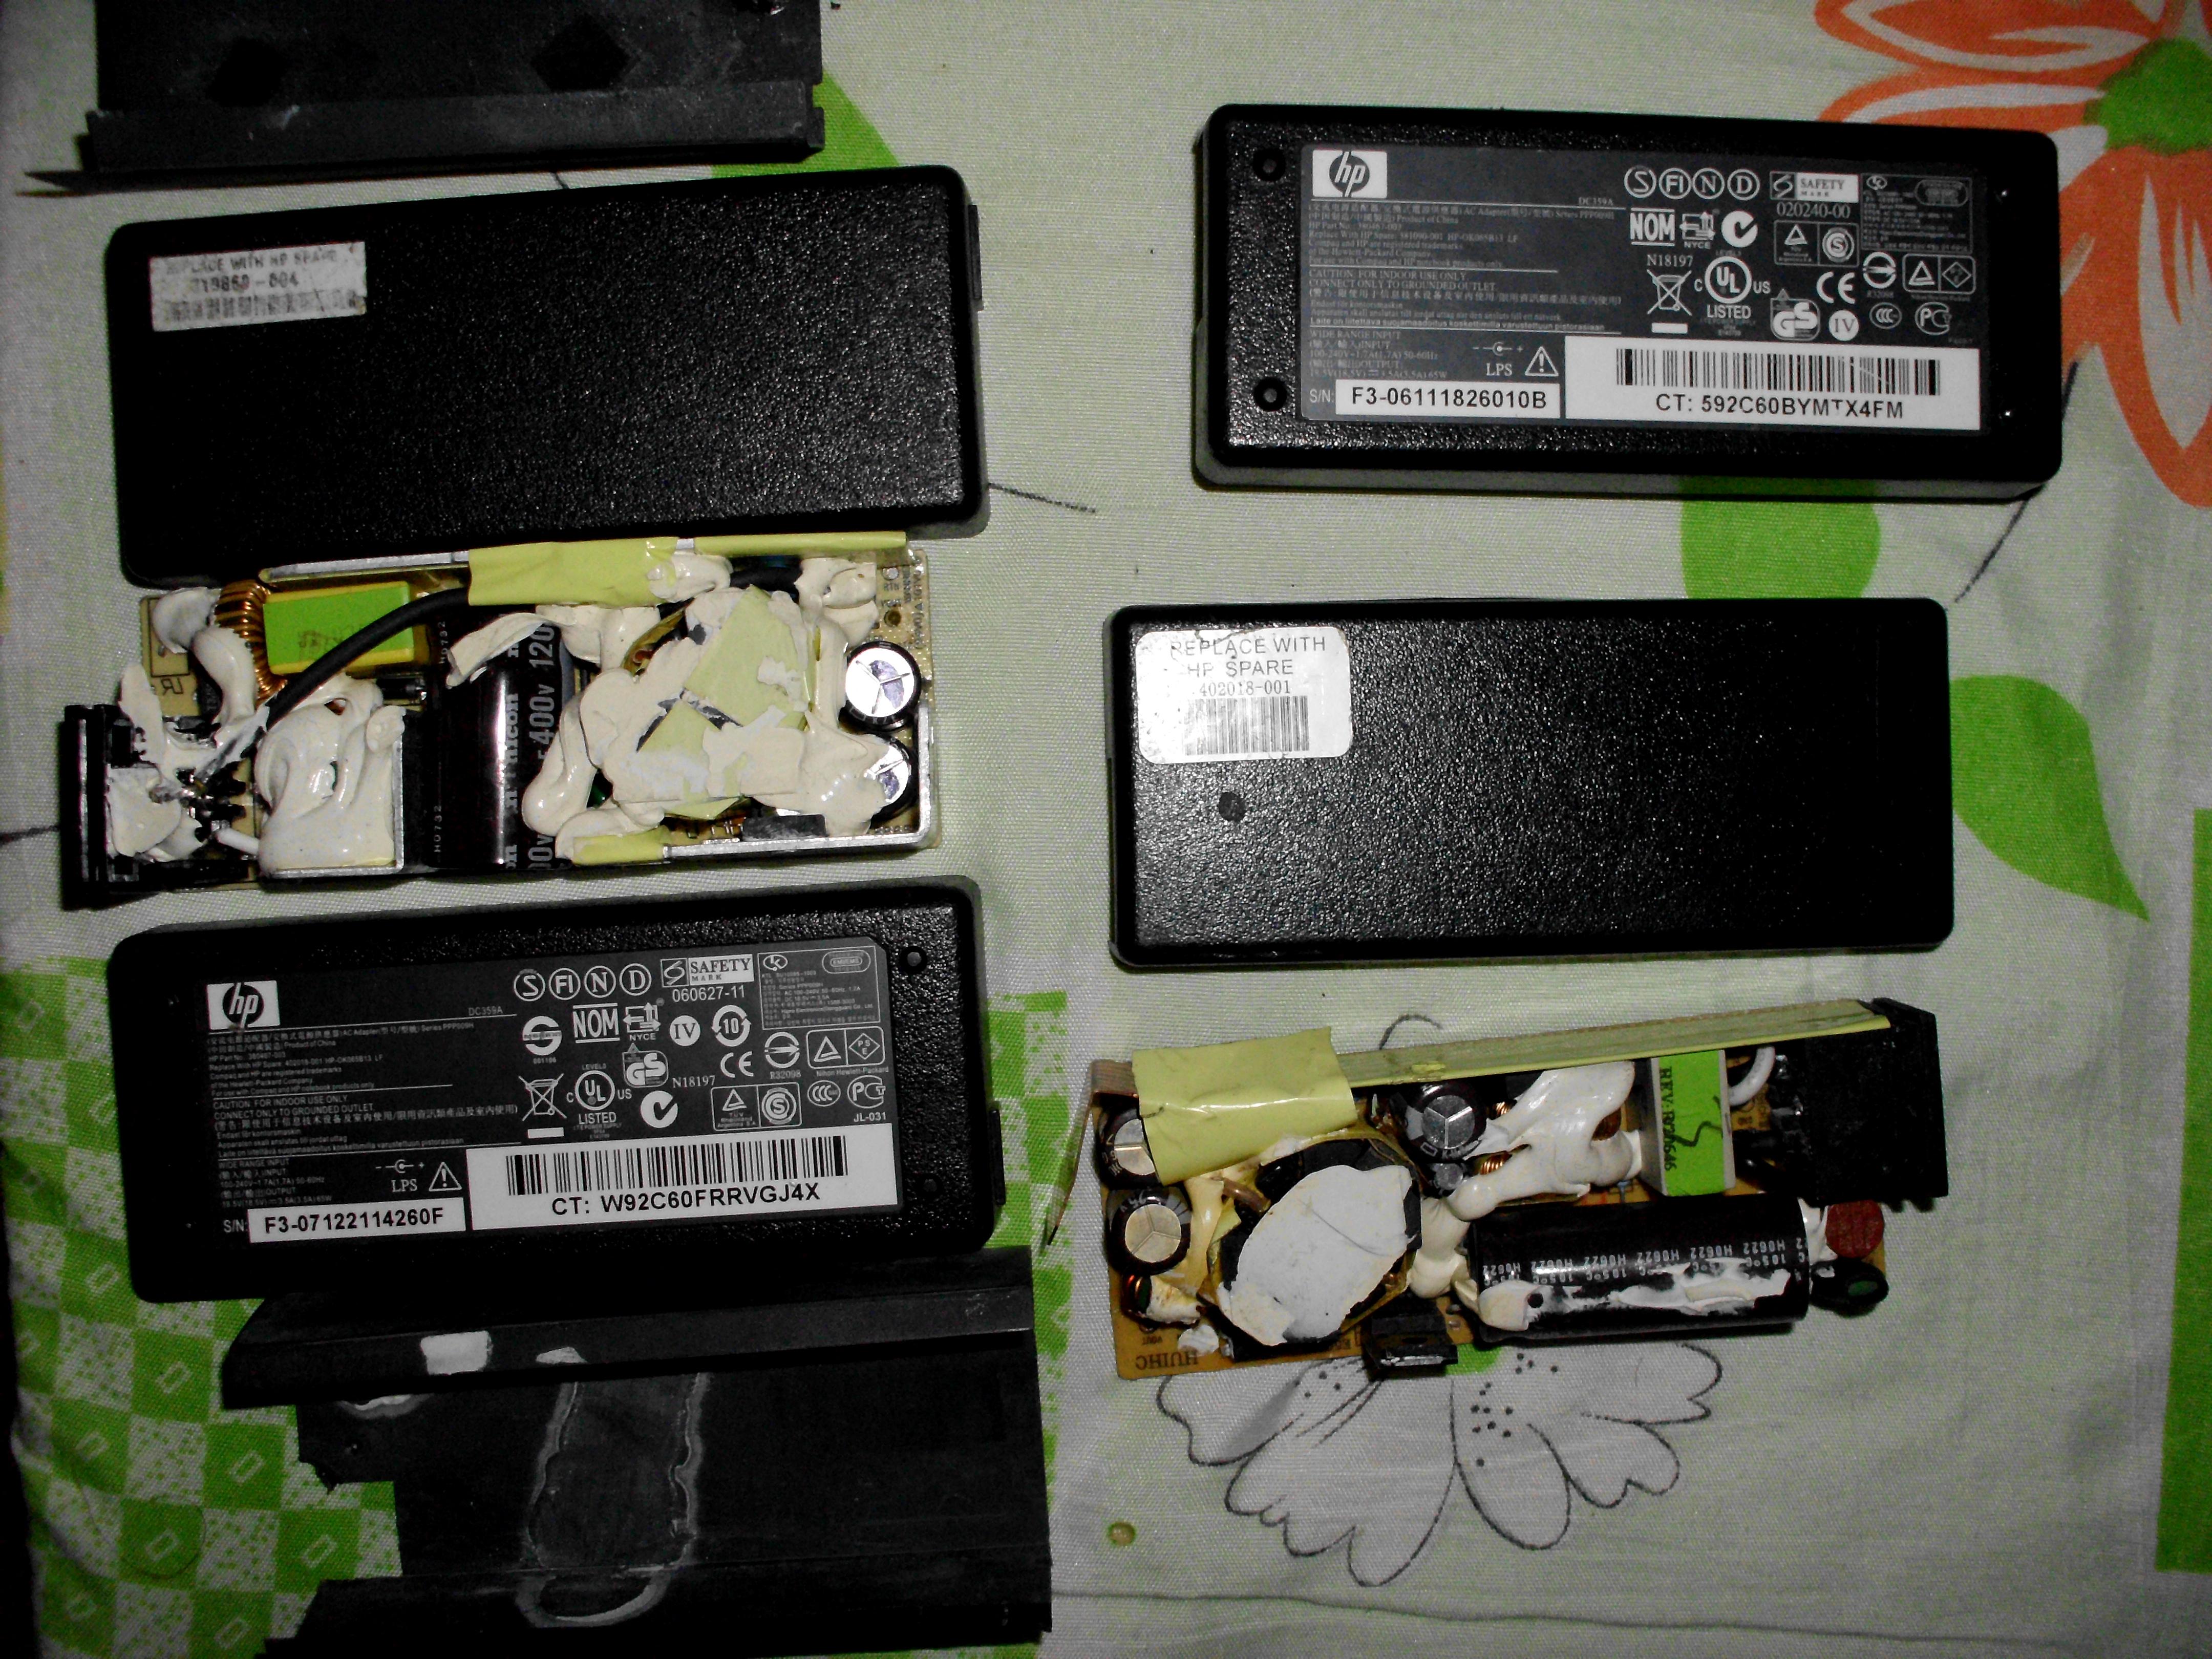 [Sprzedam] 4 �adowarki do Laptopa [2HP (1x uszk)], 1x Universalna Trust 1xAsus